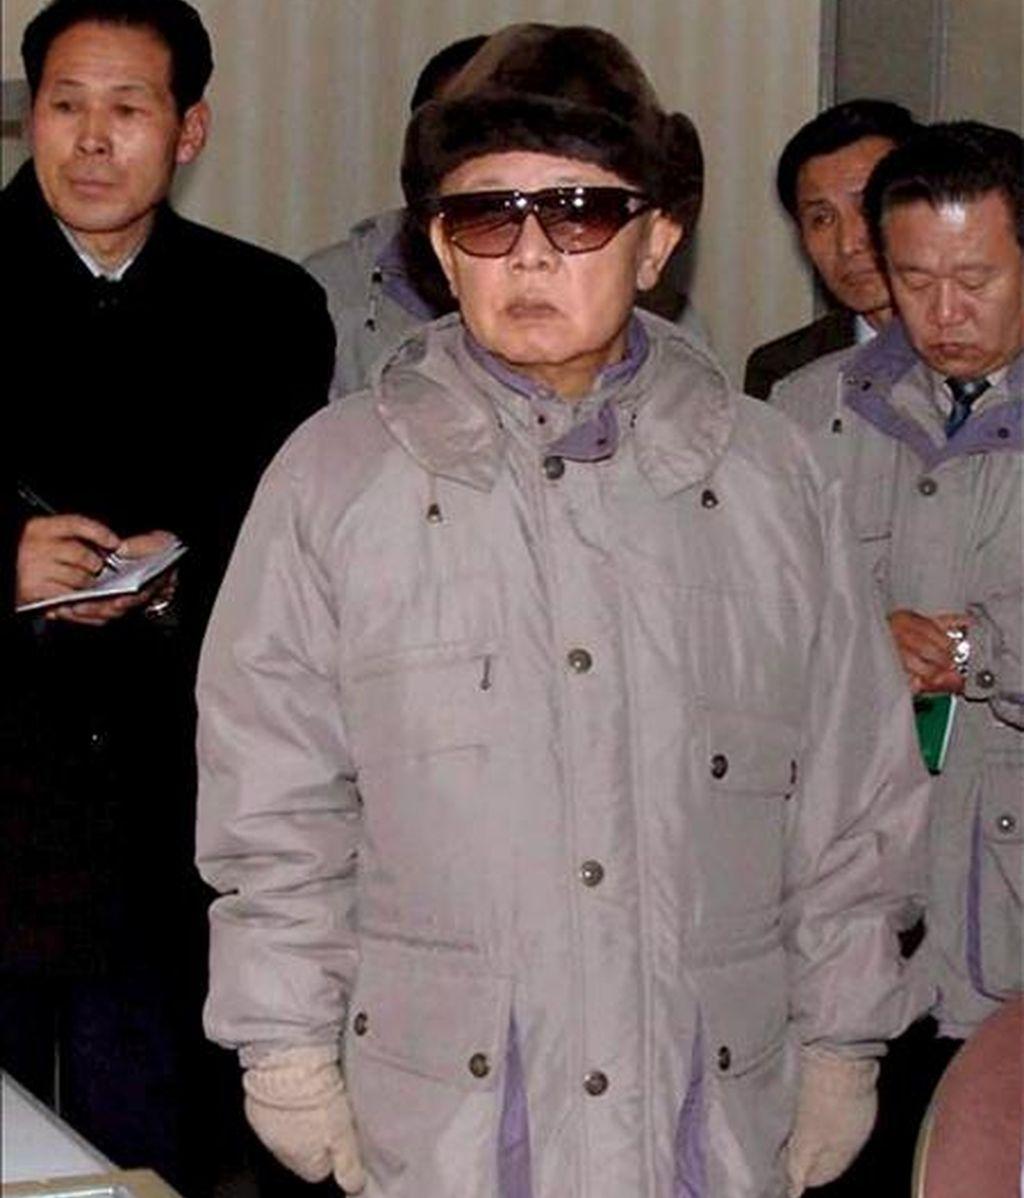 El hijo más joven de Kim Jong-il (en la imagen)designado para sucederle, según Yonhap. EFE/Archivo